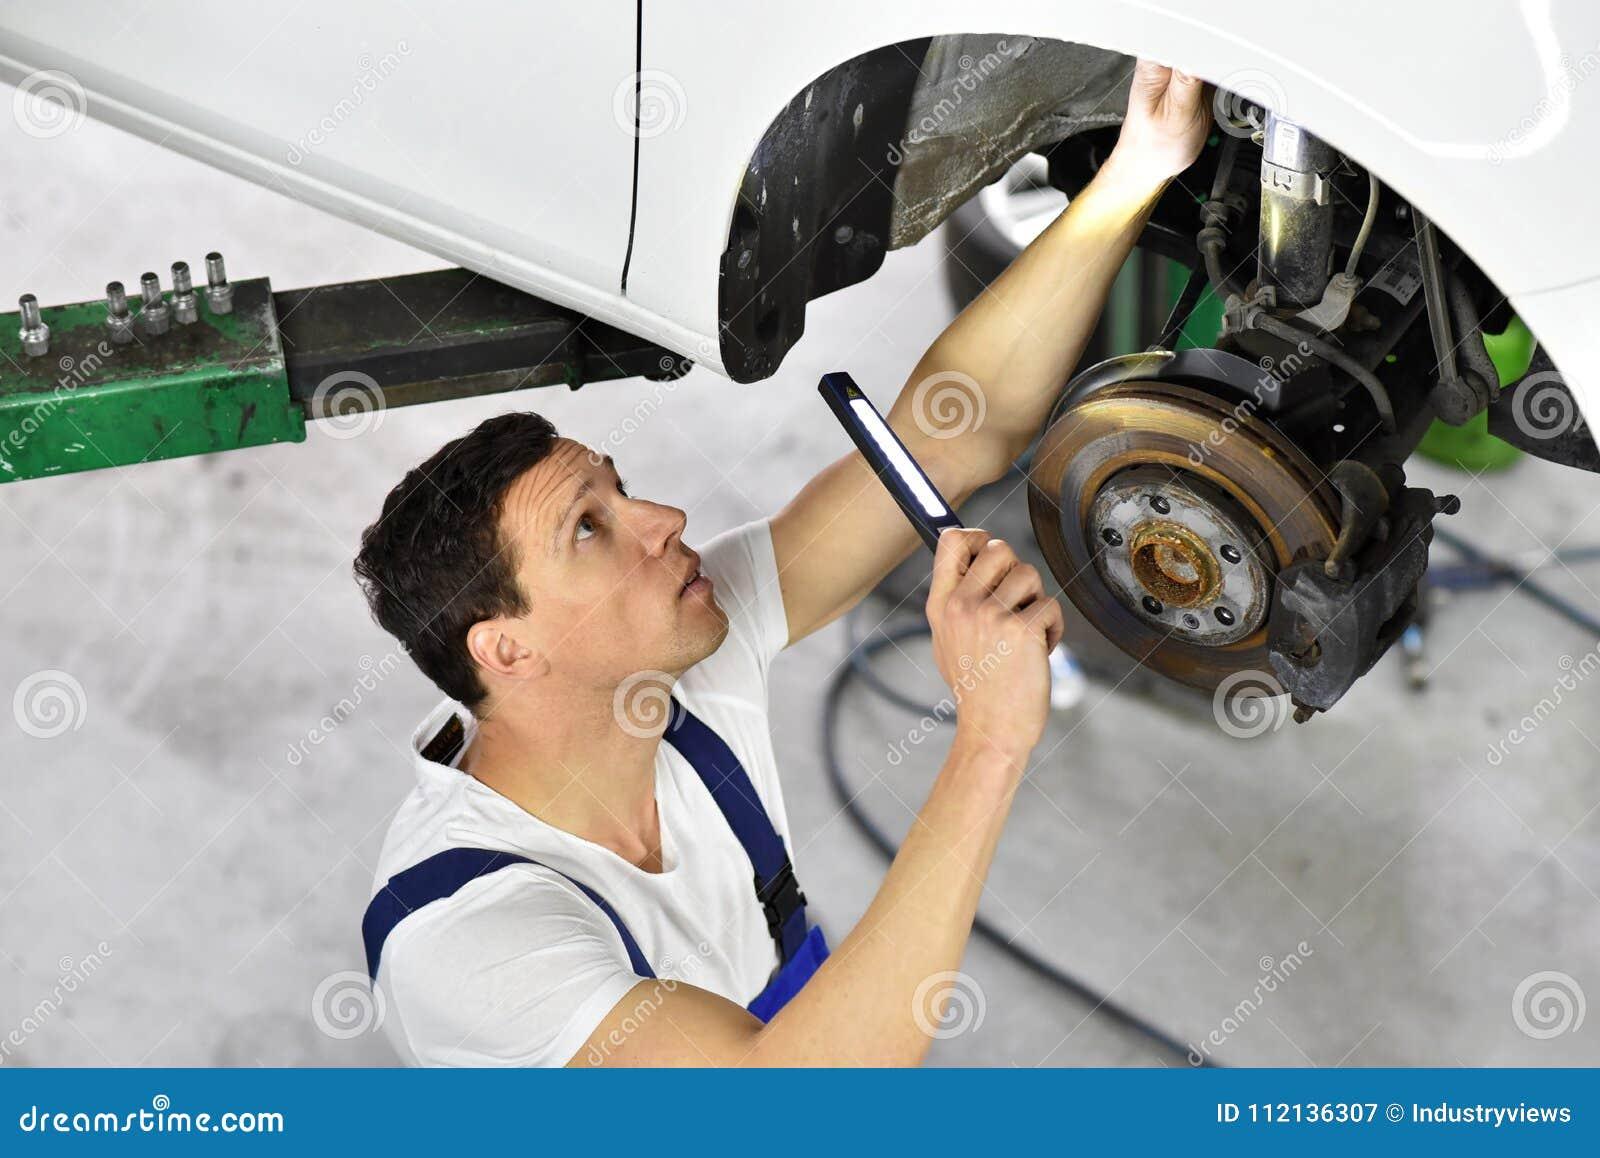 Samochodowy mechanik pracuje w warsztacie, naprawa samochody